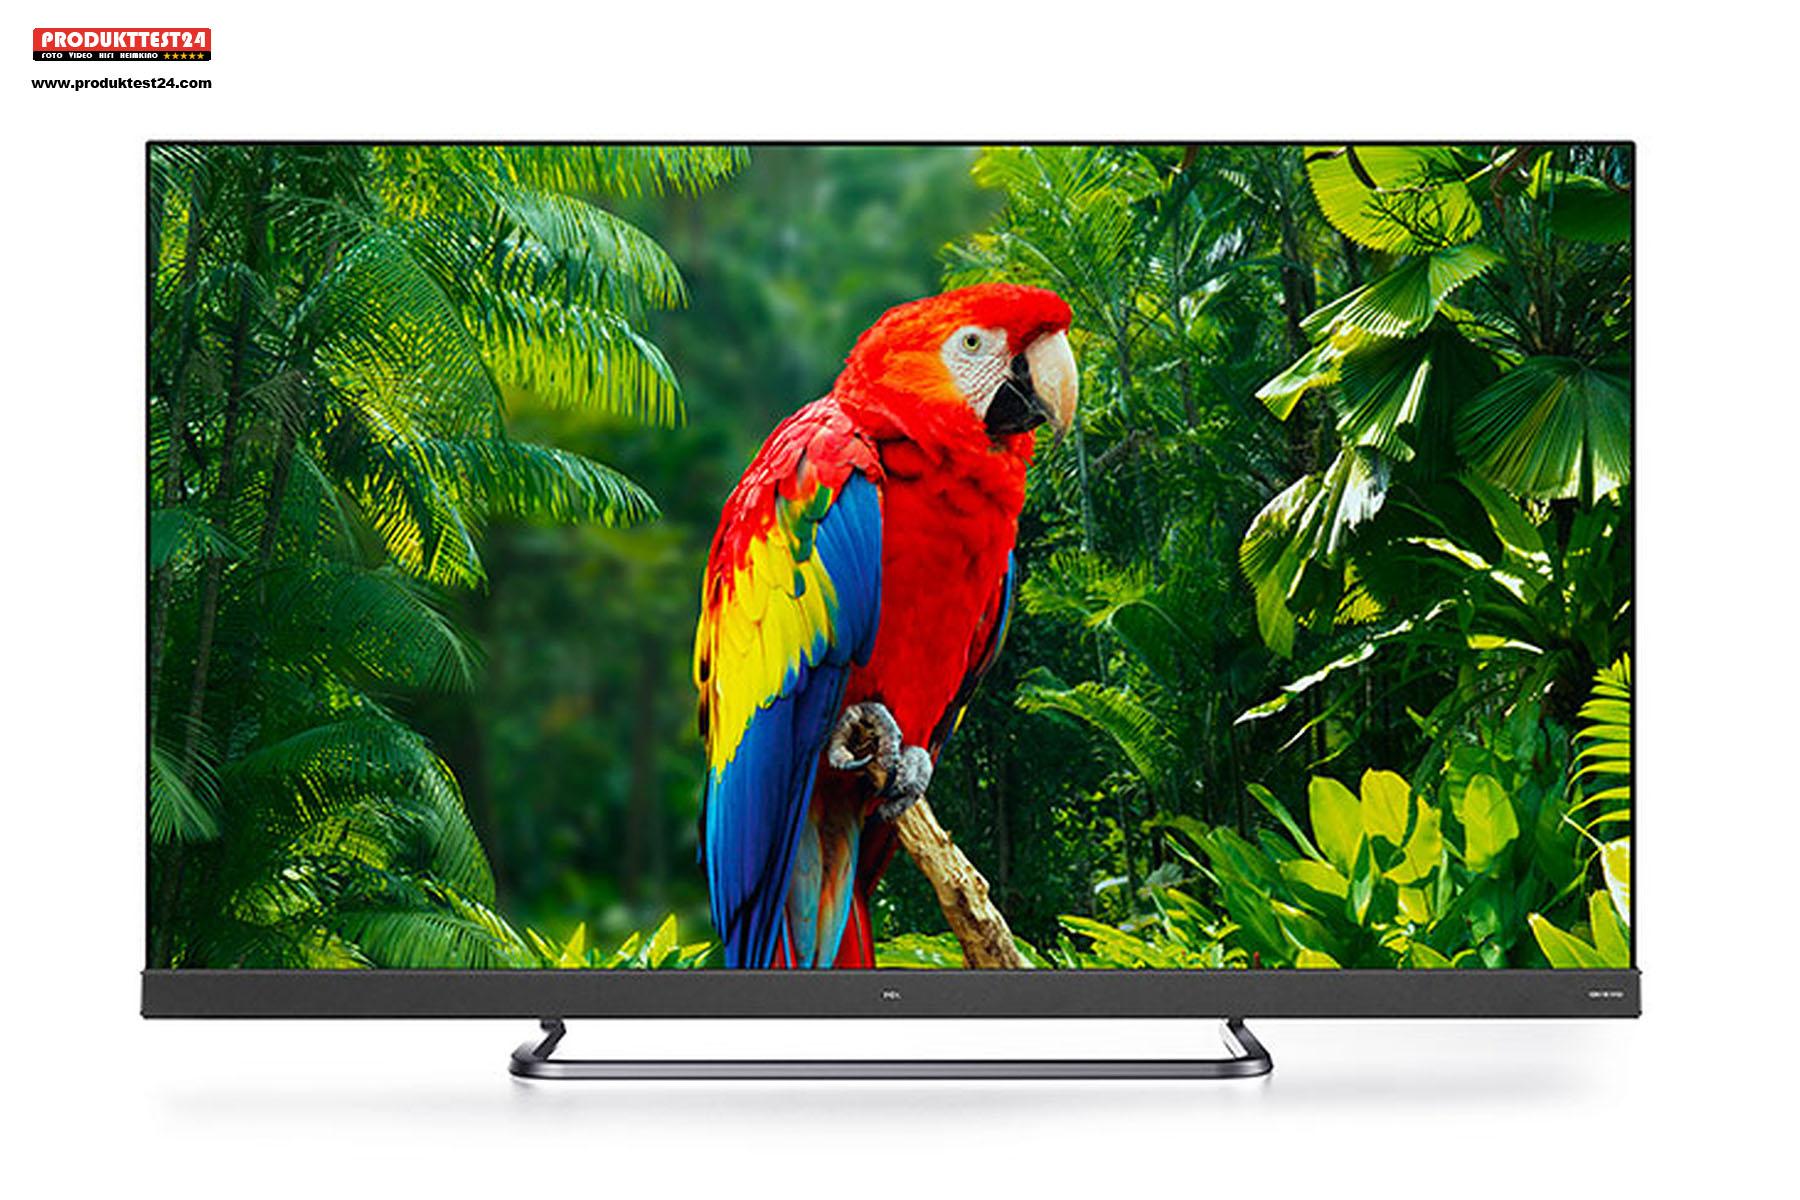 Der 55 Zoll große TCL 55EC780 UHD 4K-Fernseher